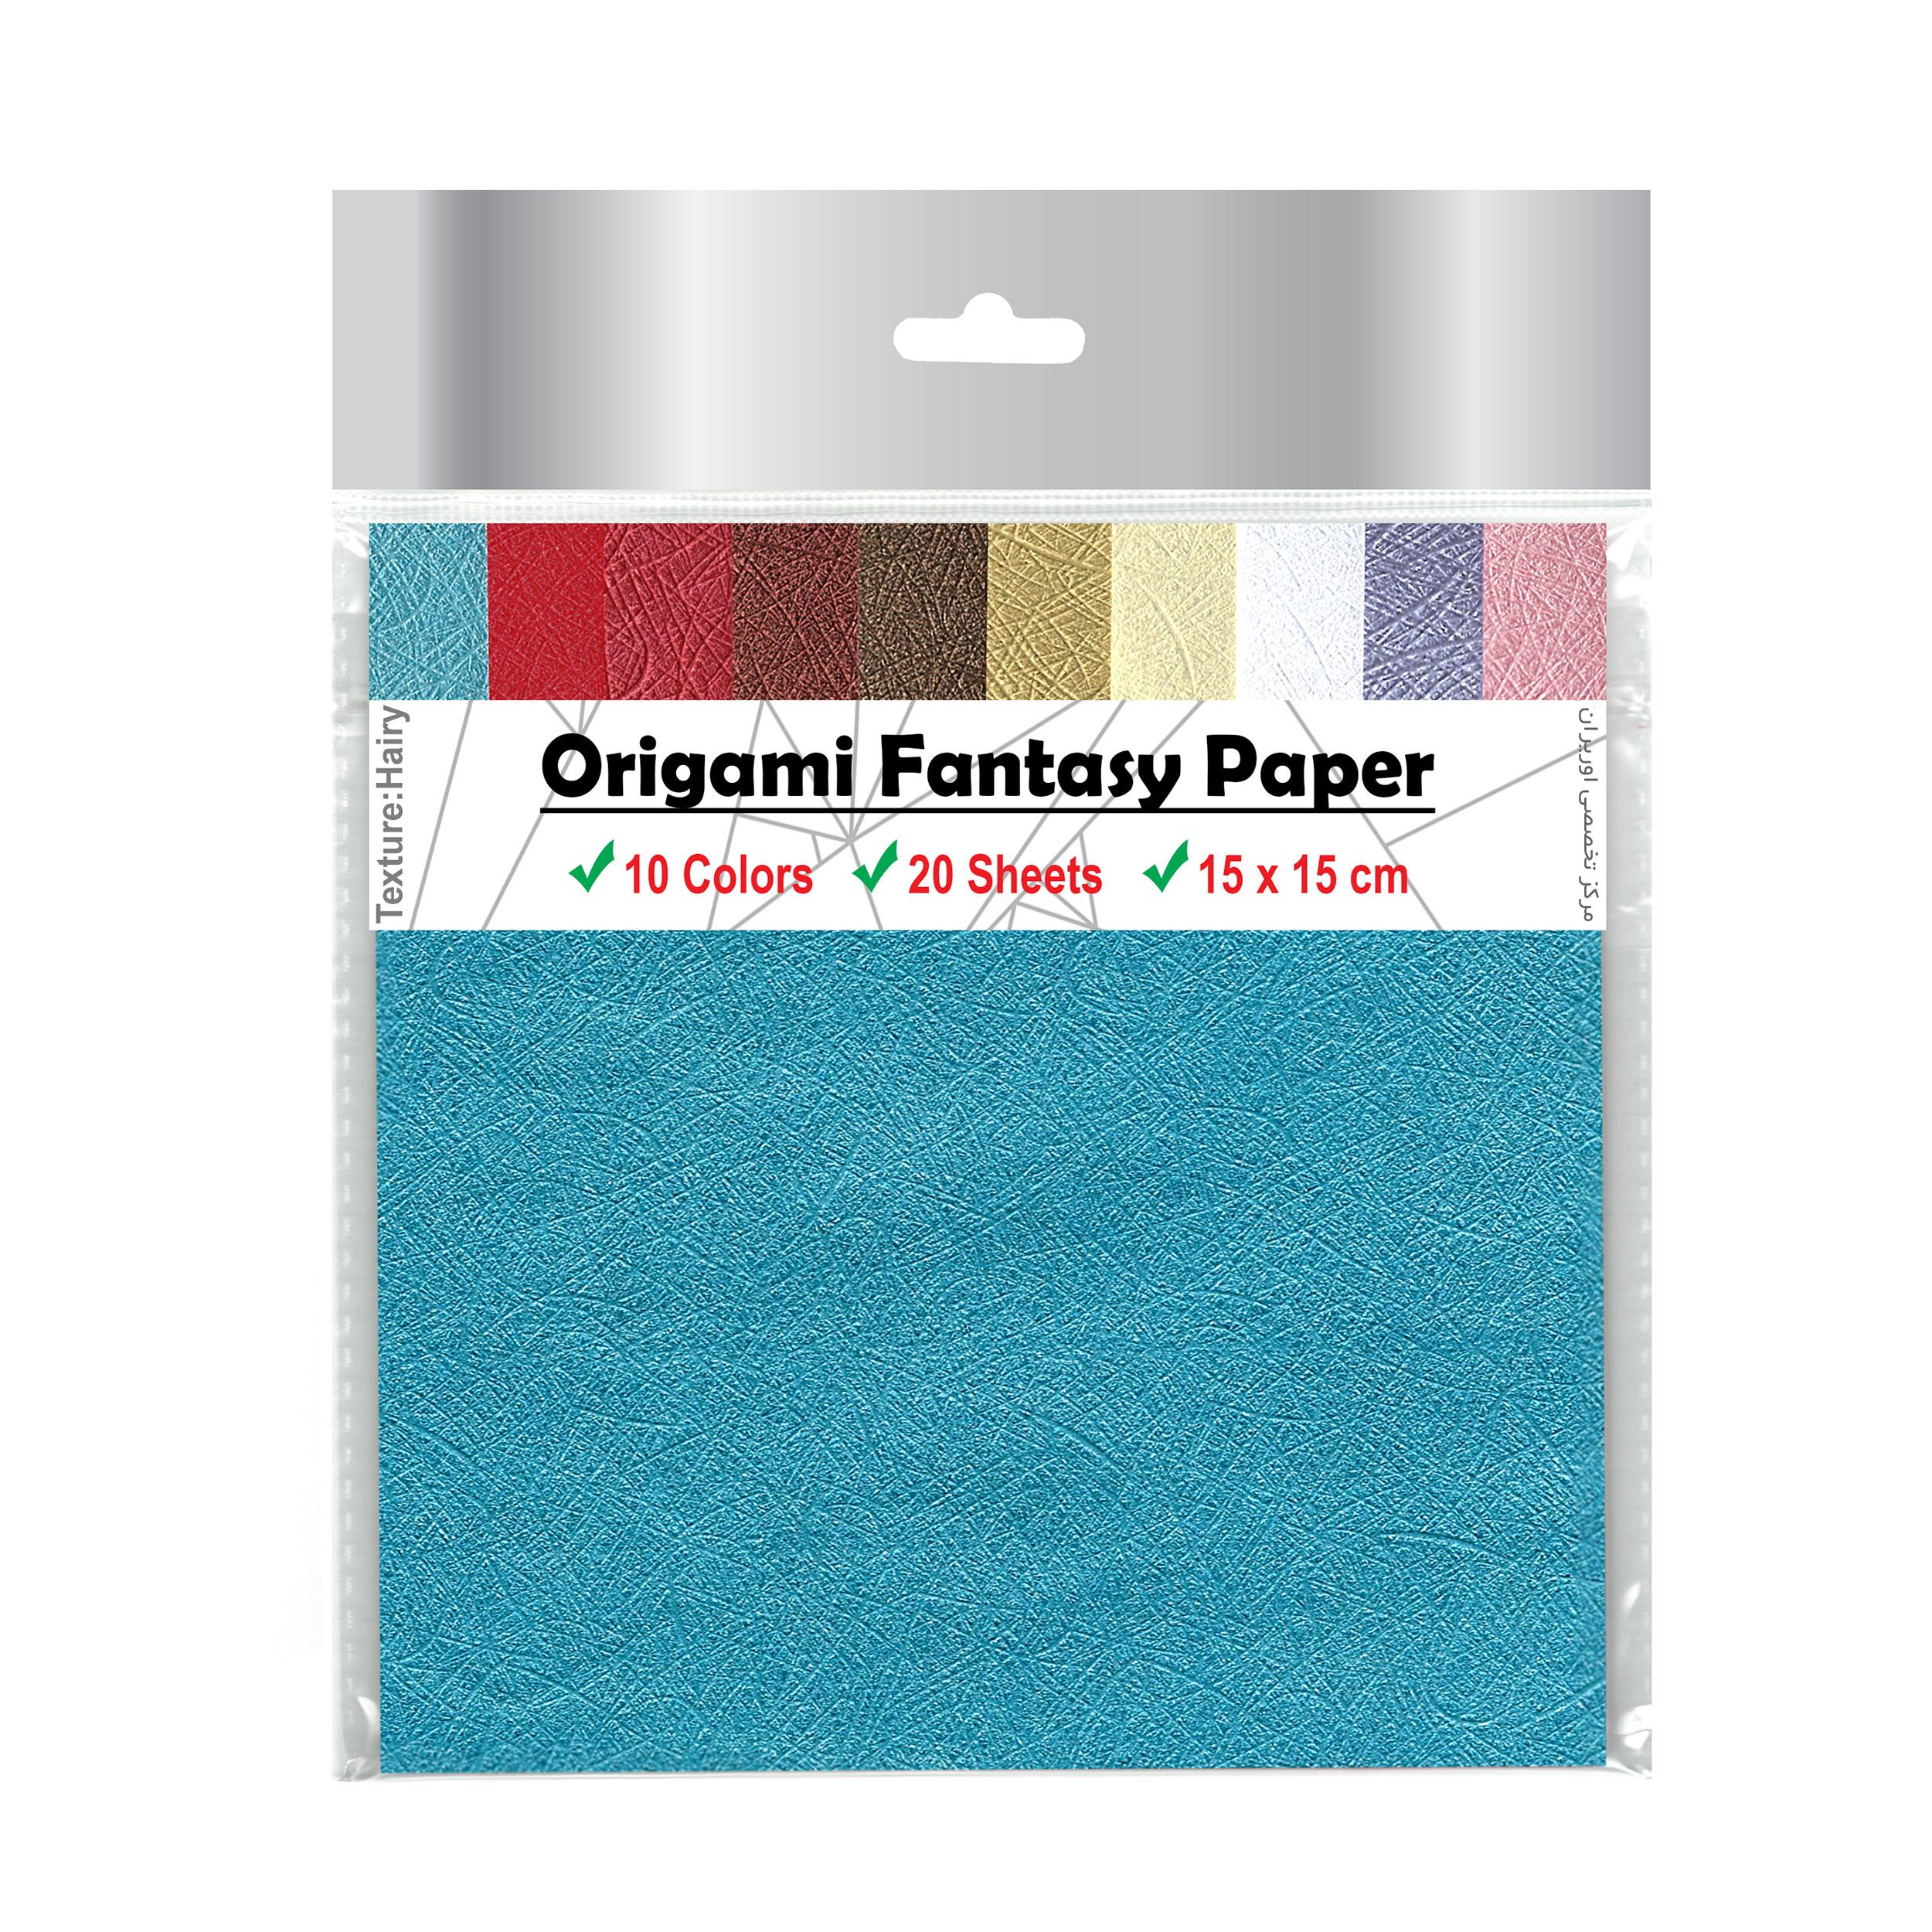 بسته کاغذ اوریگامی اوریران مدل فانتزی طرح موئی کد H15